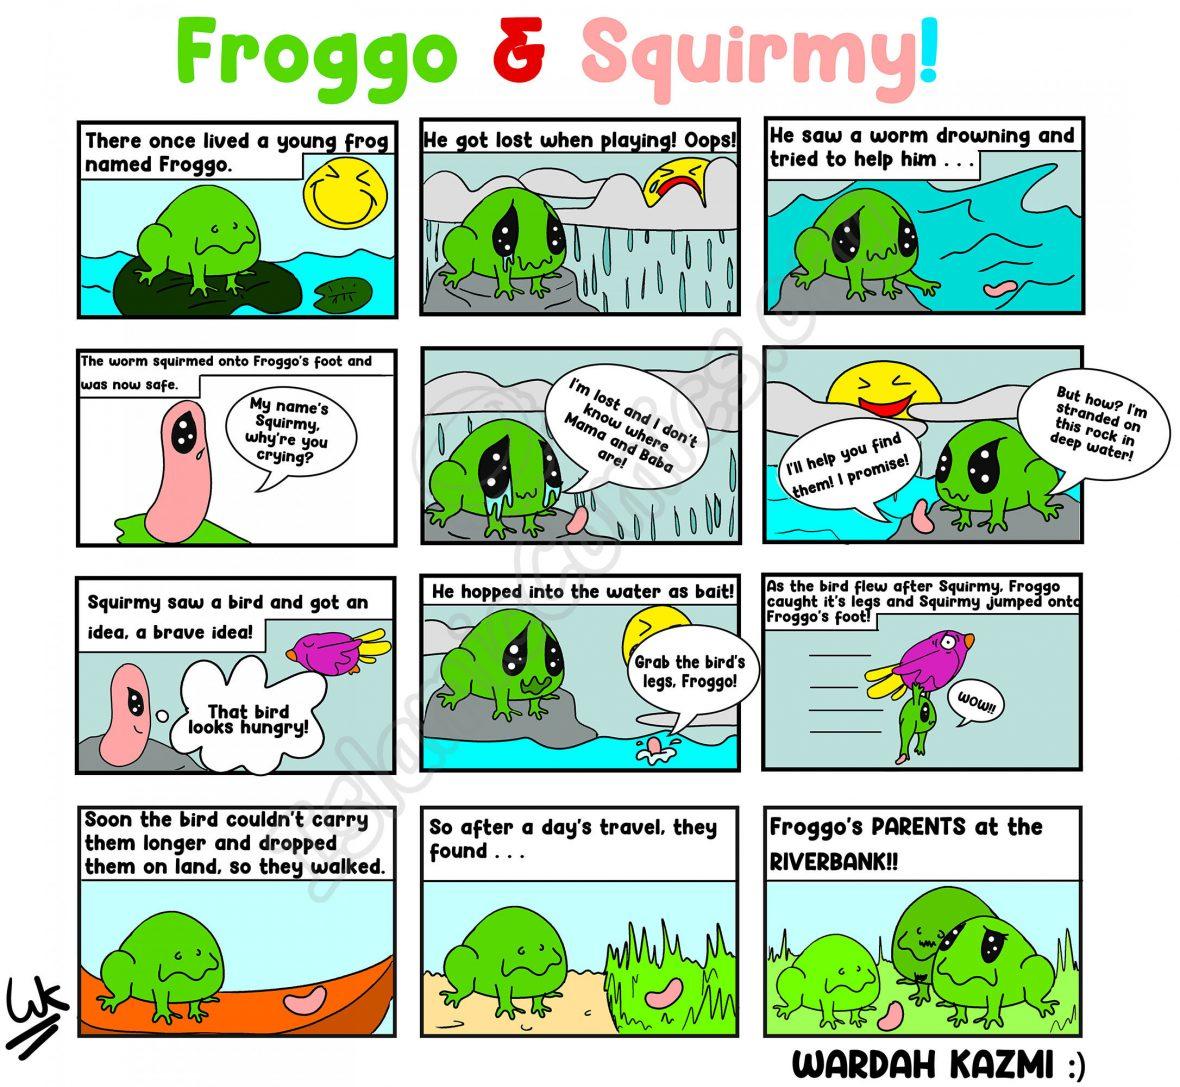 Froggo and Squirmy - Comic by Wardah